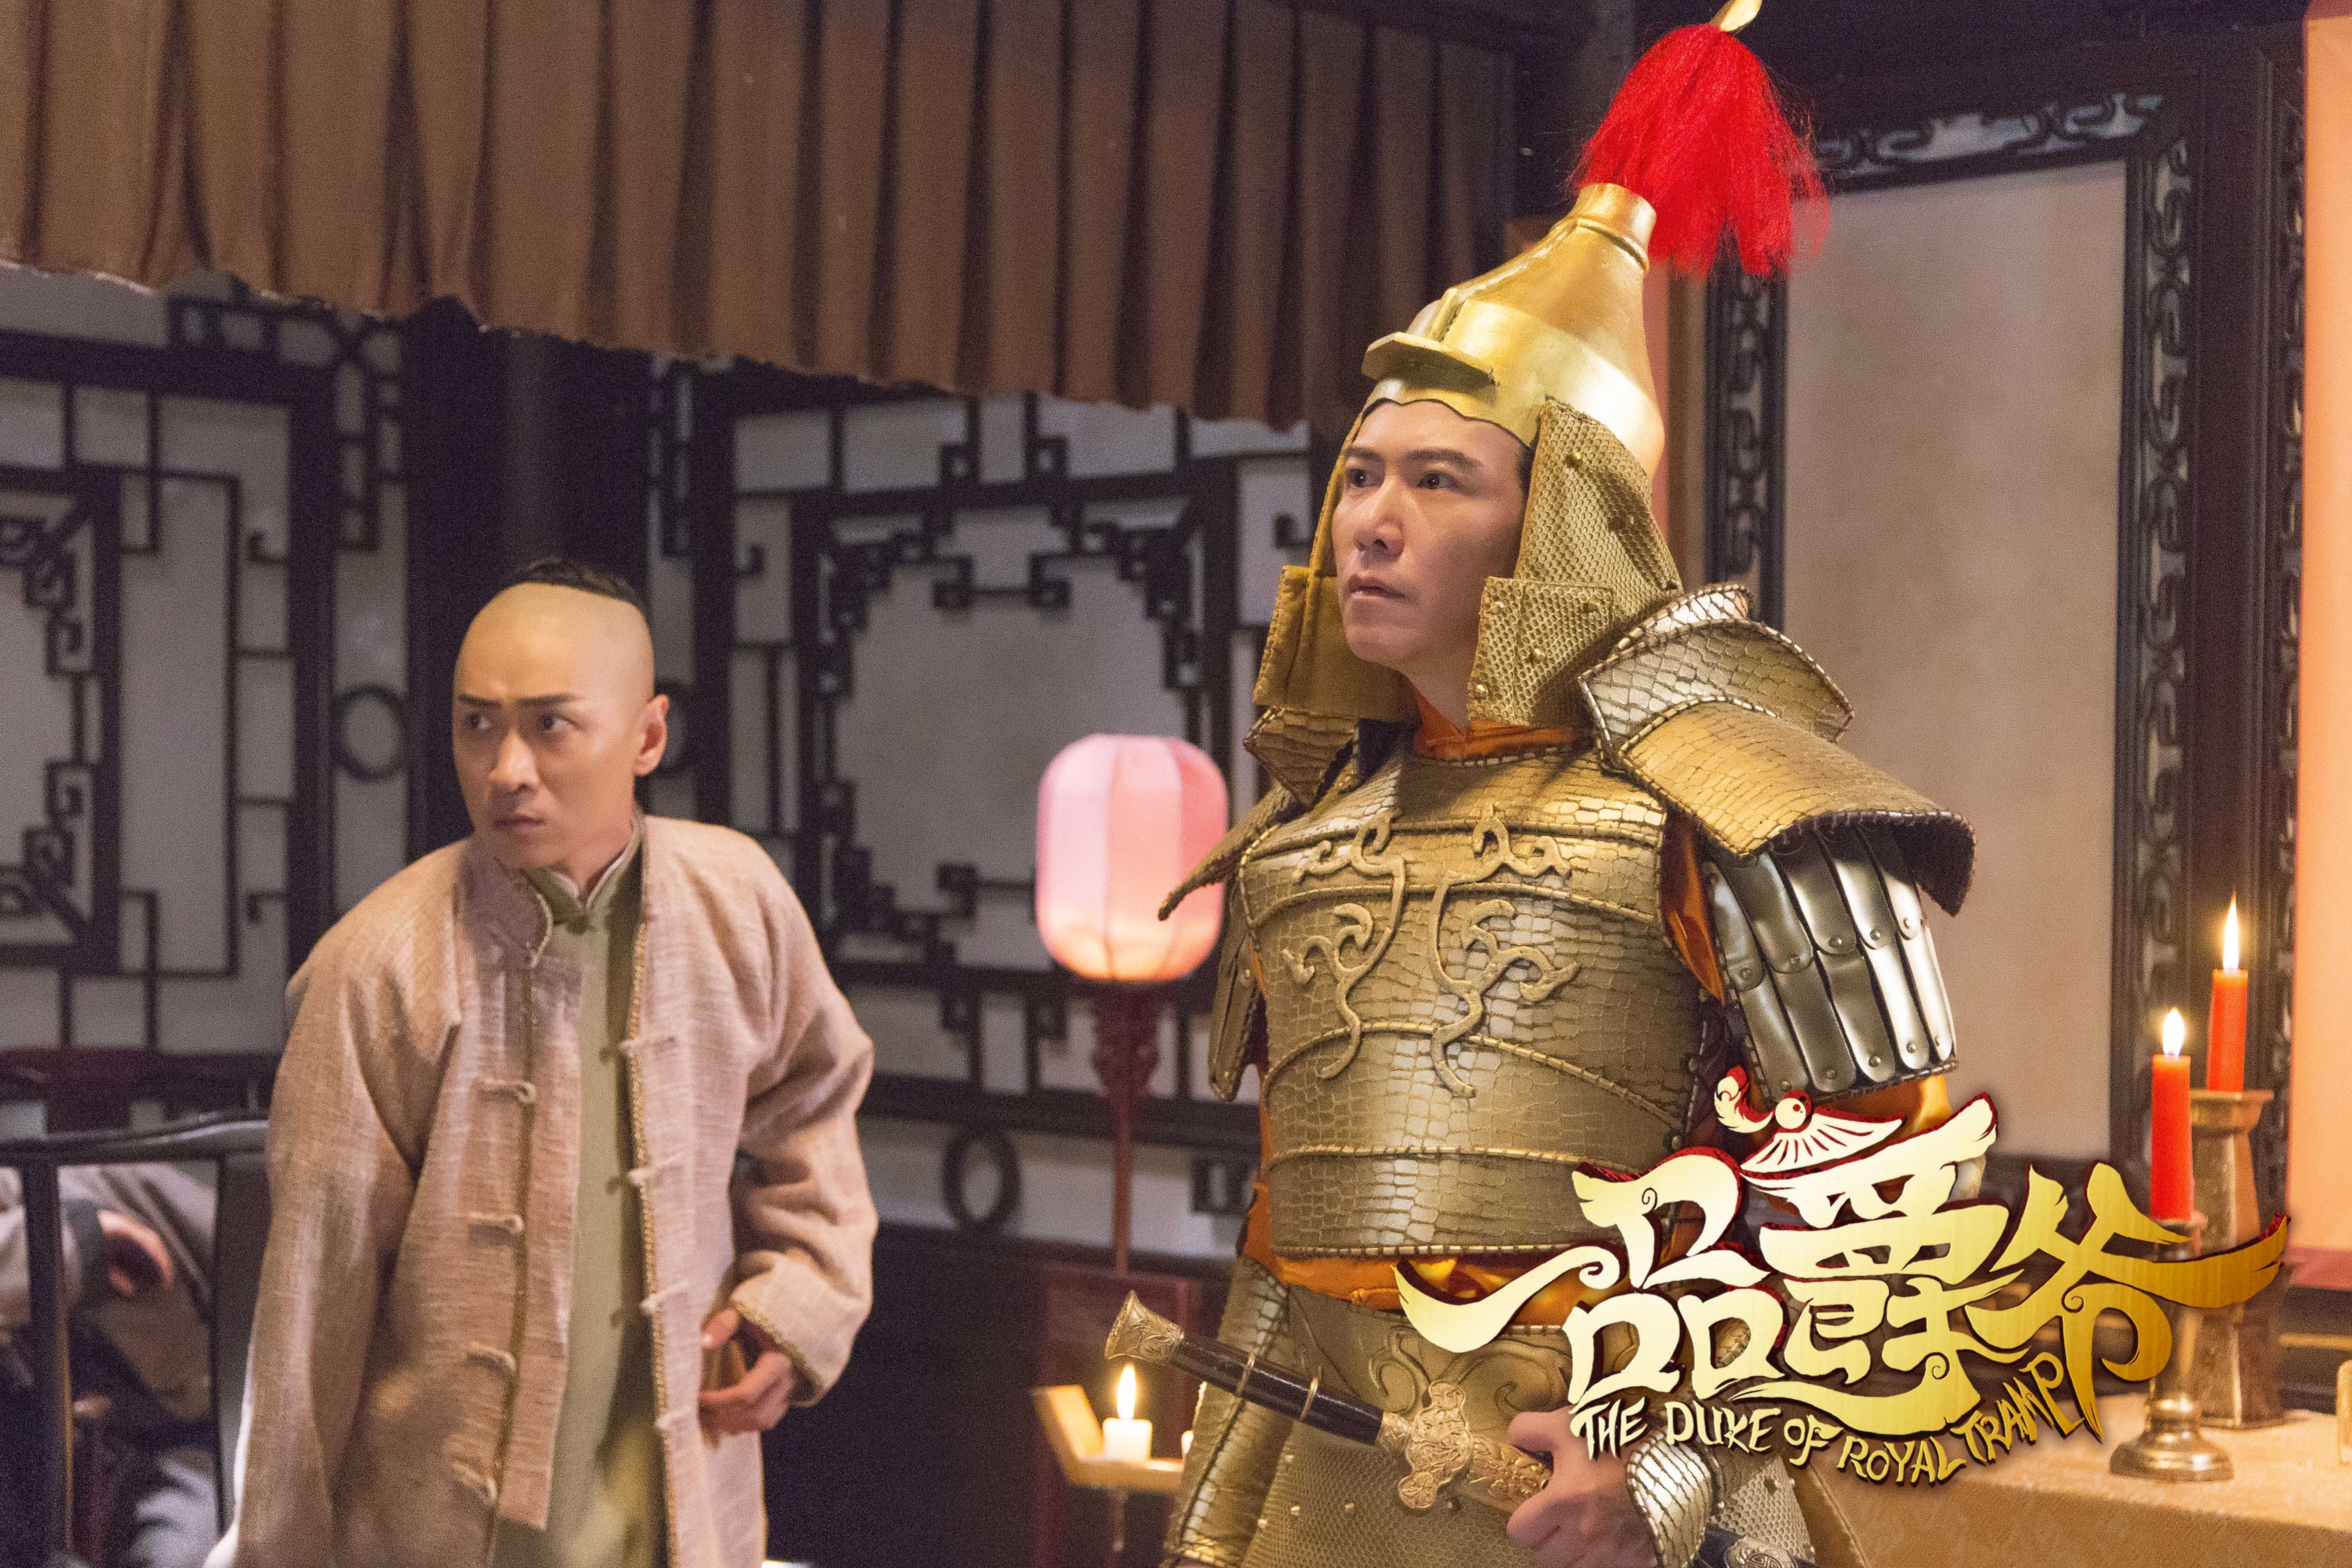 《一品爵爷》定档爱奇艺2月19日 皇帝爵爷笑闹新春